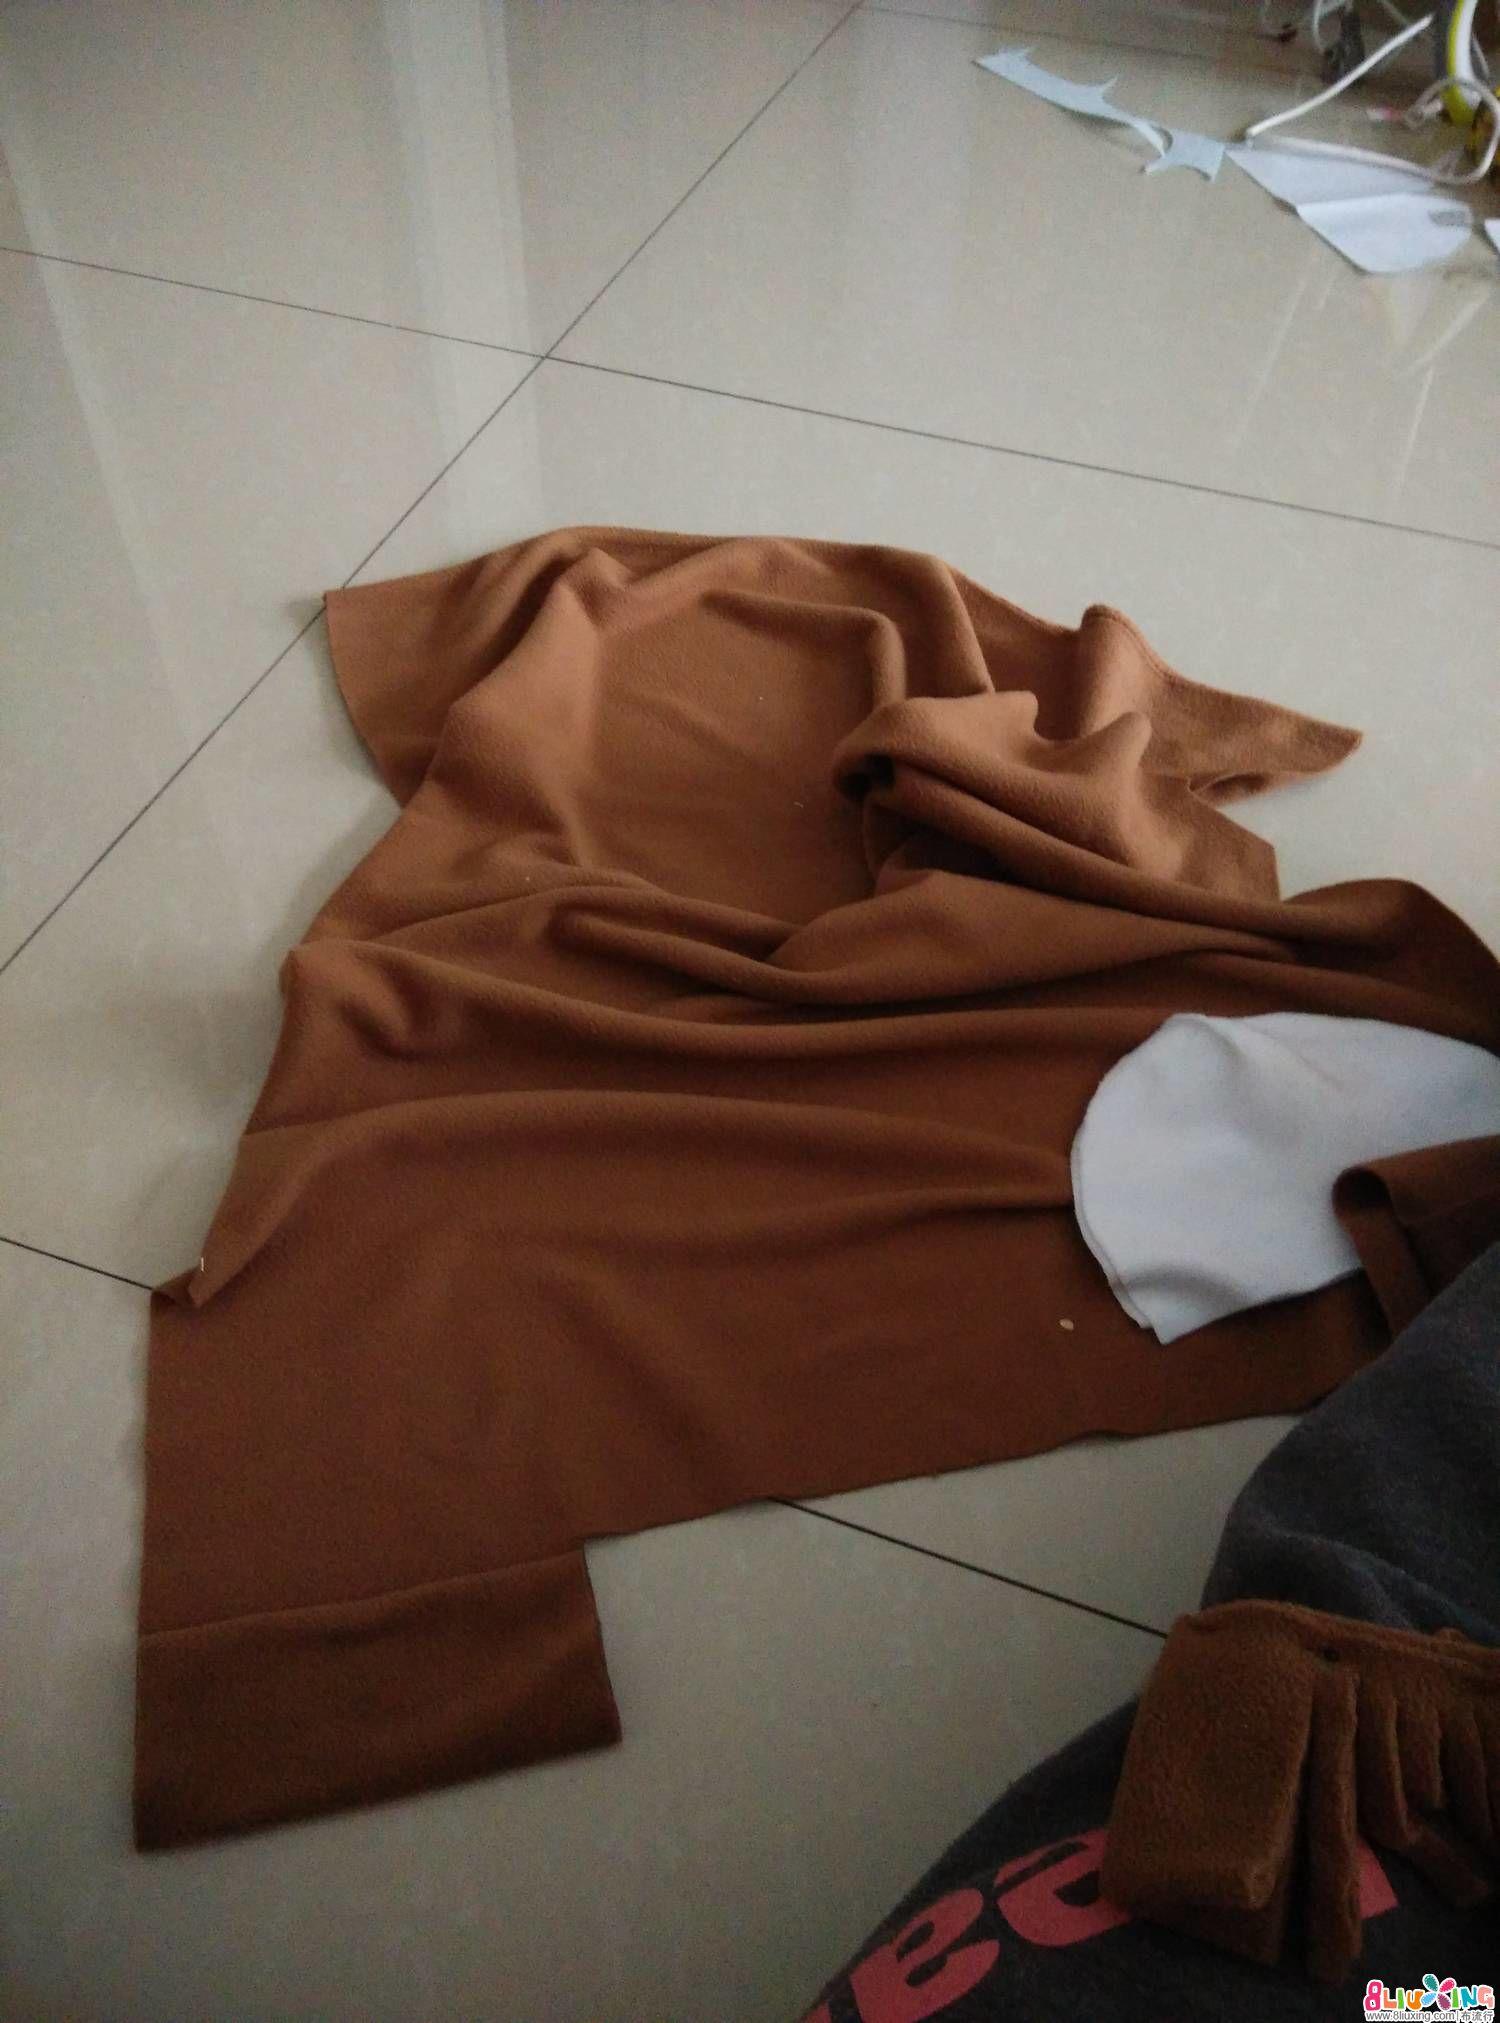 这一块是鬃毛的部分,剪一个比头高一半略长的布,我是指折叠三层后的长度,注意,布要折叠基层,这样鬃毛会 ...